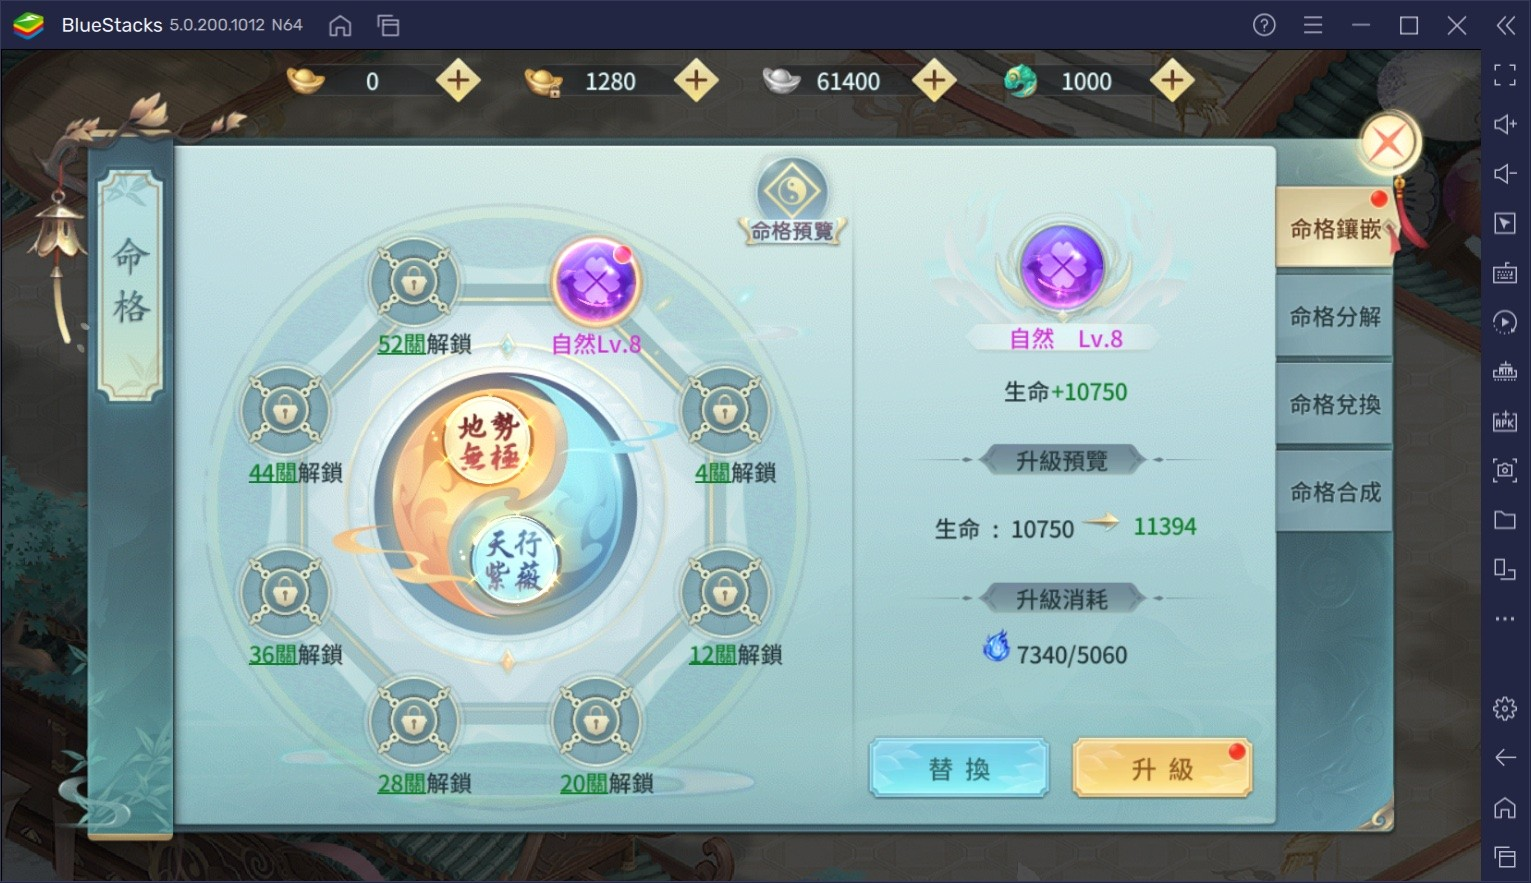 如何使用BlueStacks在電腦上玩手機遊戲《地藏伏魔錄》